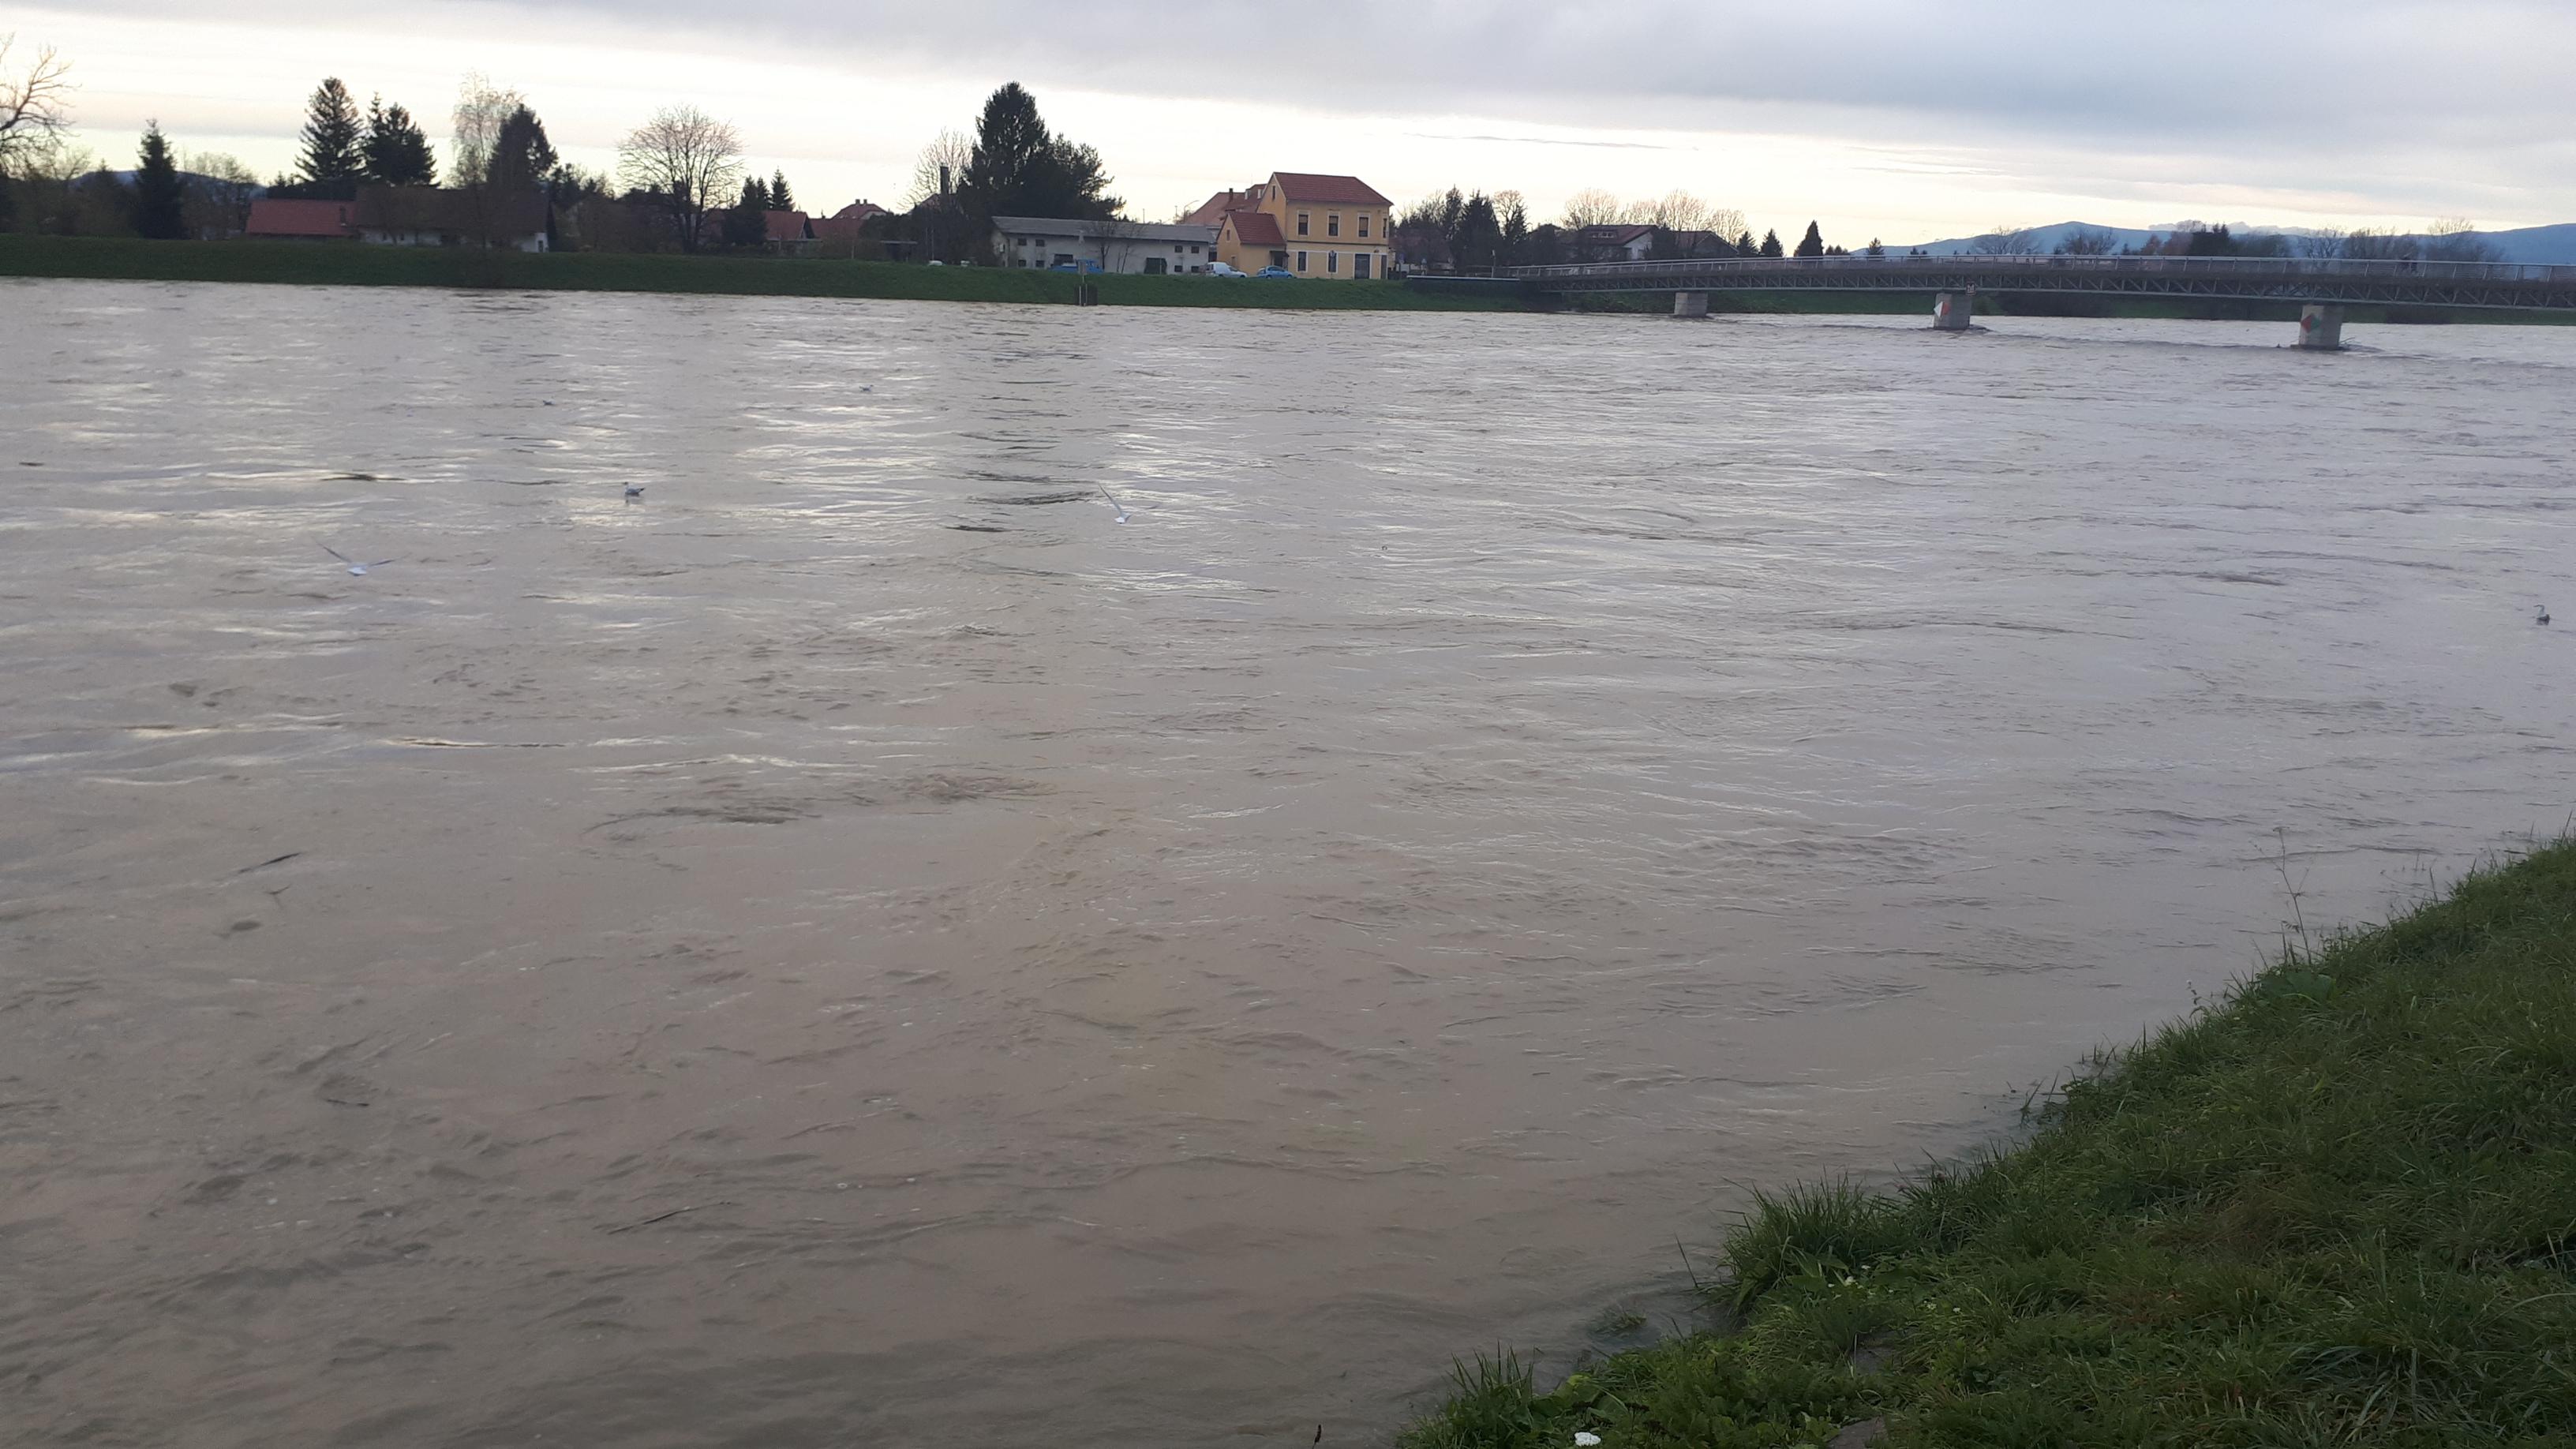 Obvestilo: Poplavne nevarnosti ni!